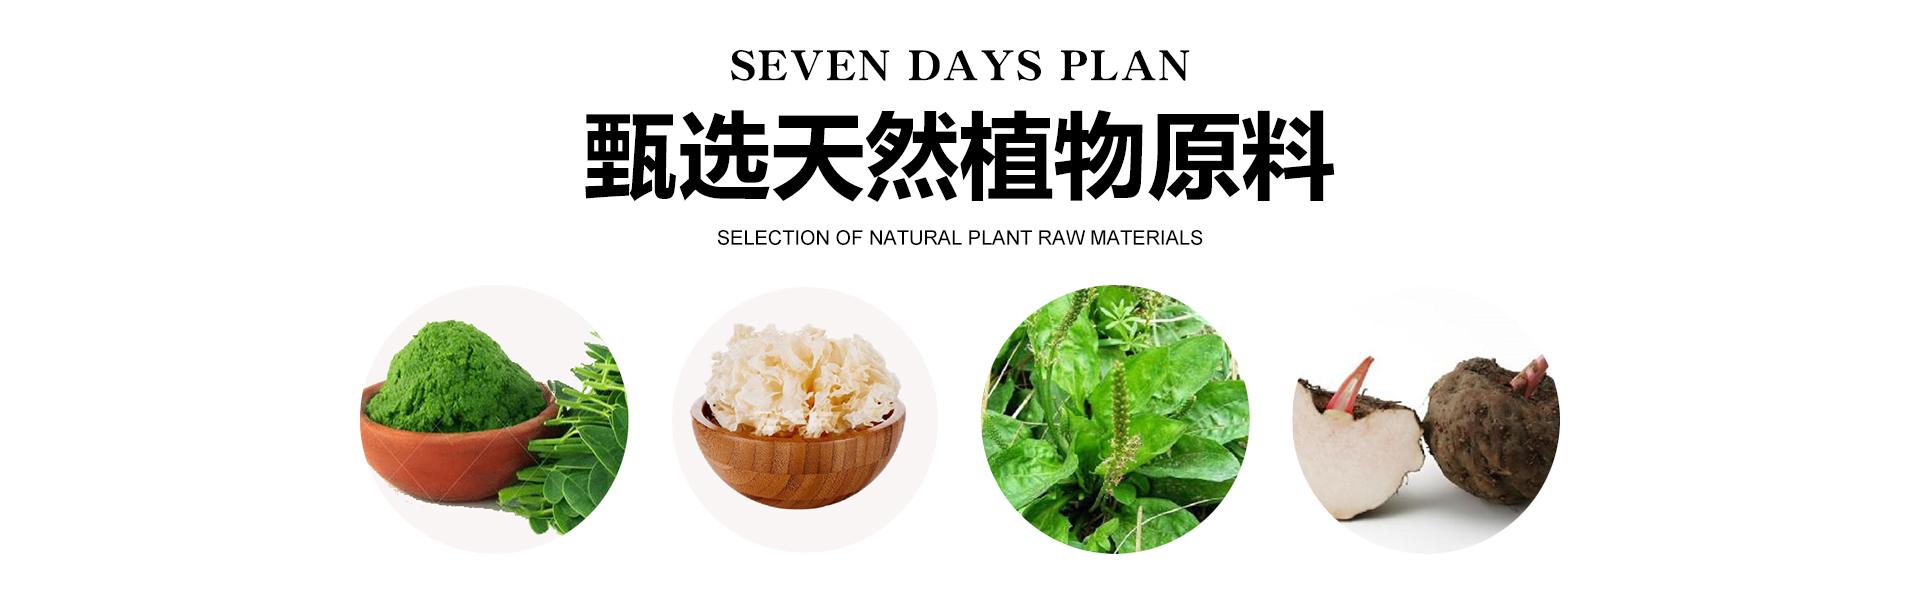 台湾九天国际7天俏计划,7天俏计划减肥奶茶,7天俏计划微商代理,baby家族7天俏计划瘦身奶茶